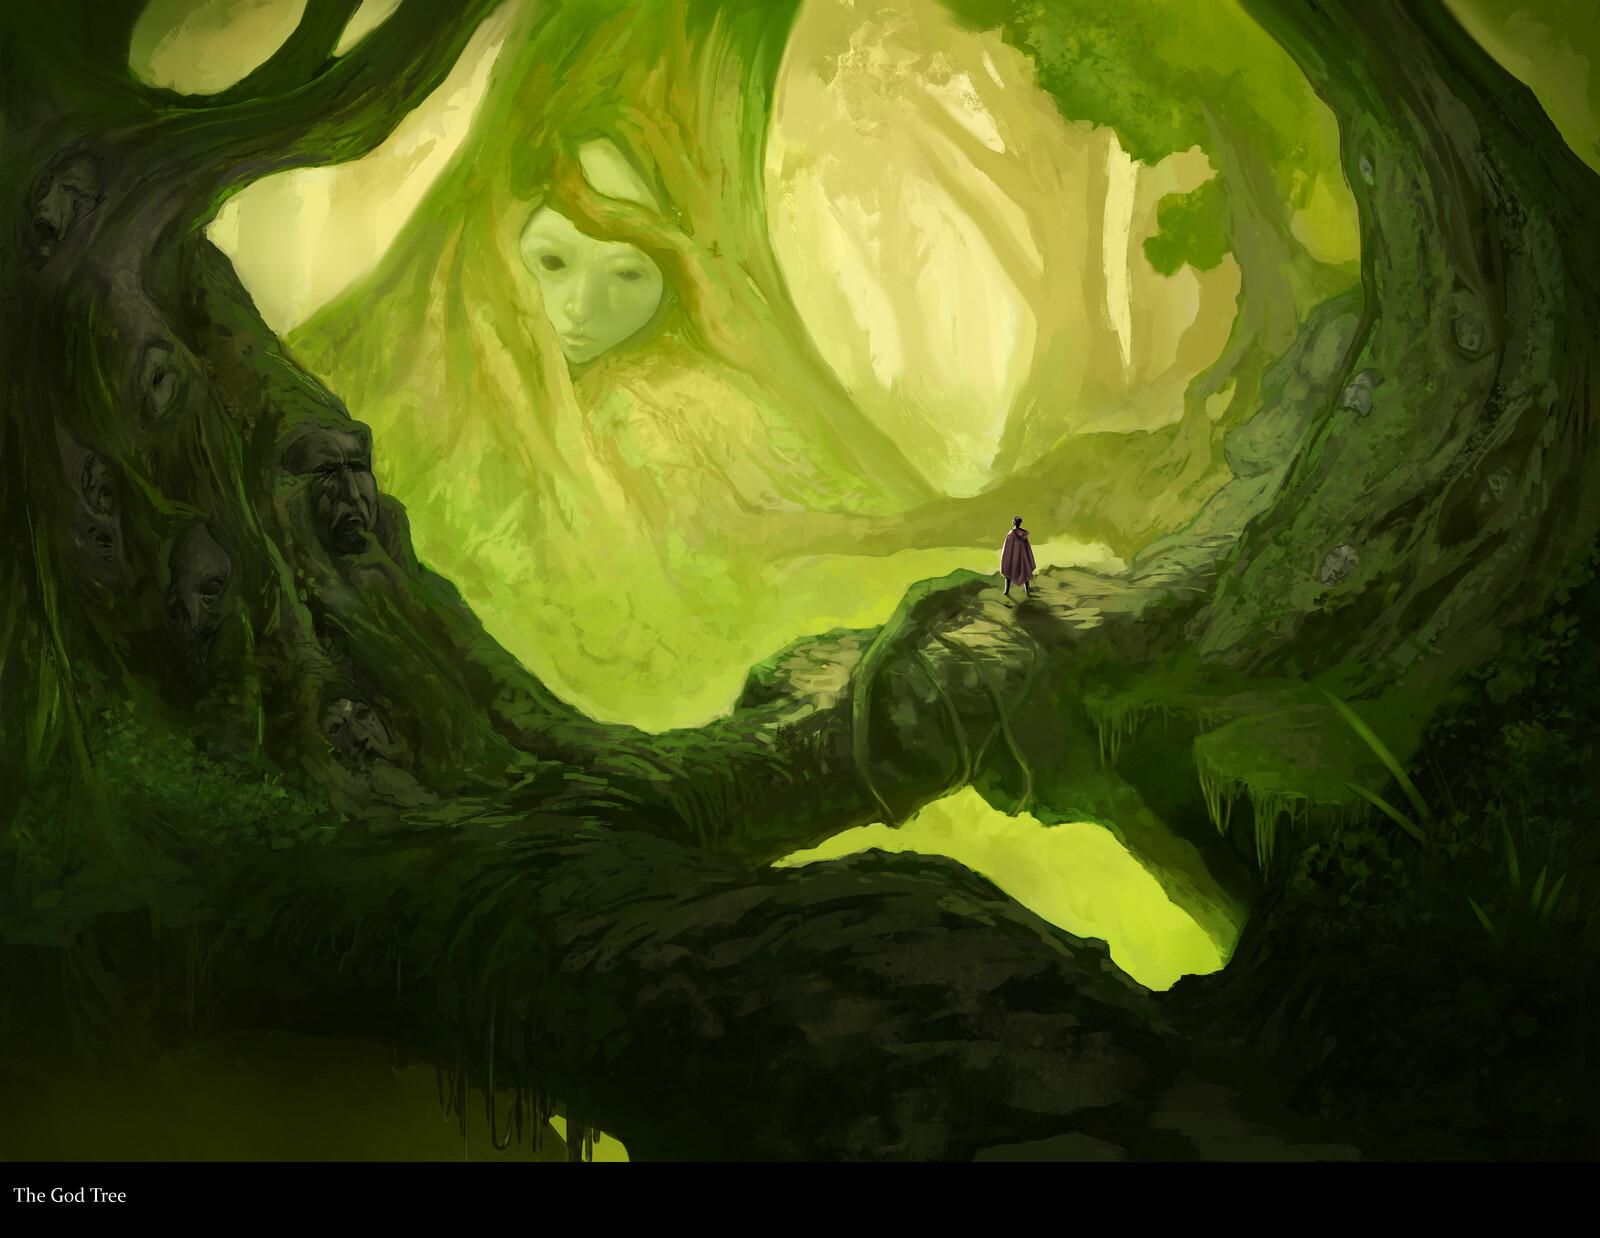 The God Tree